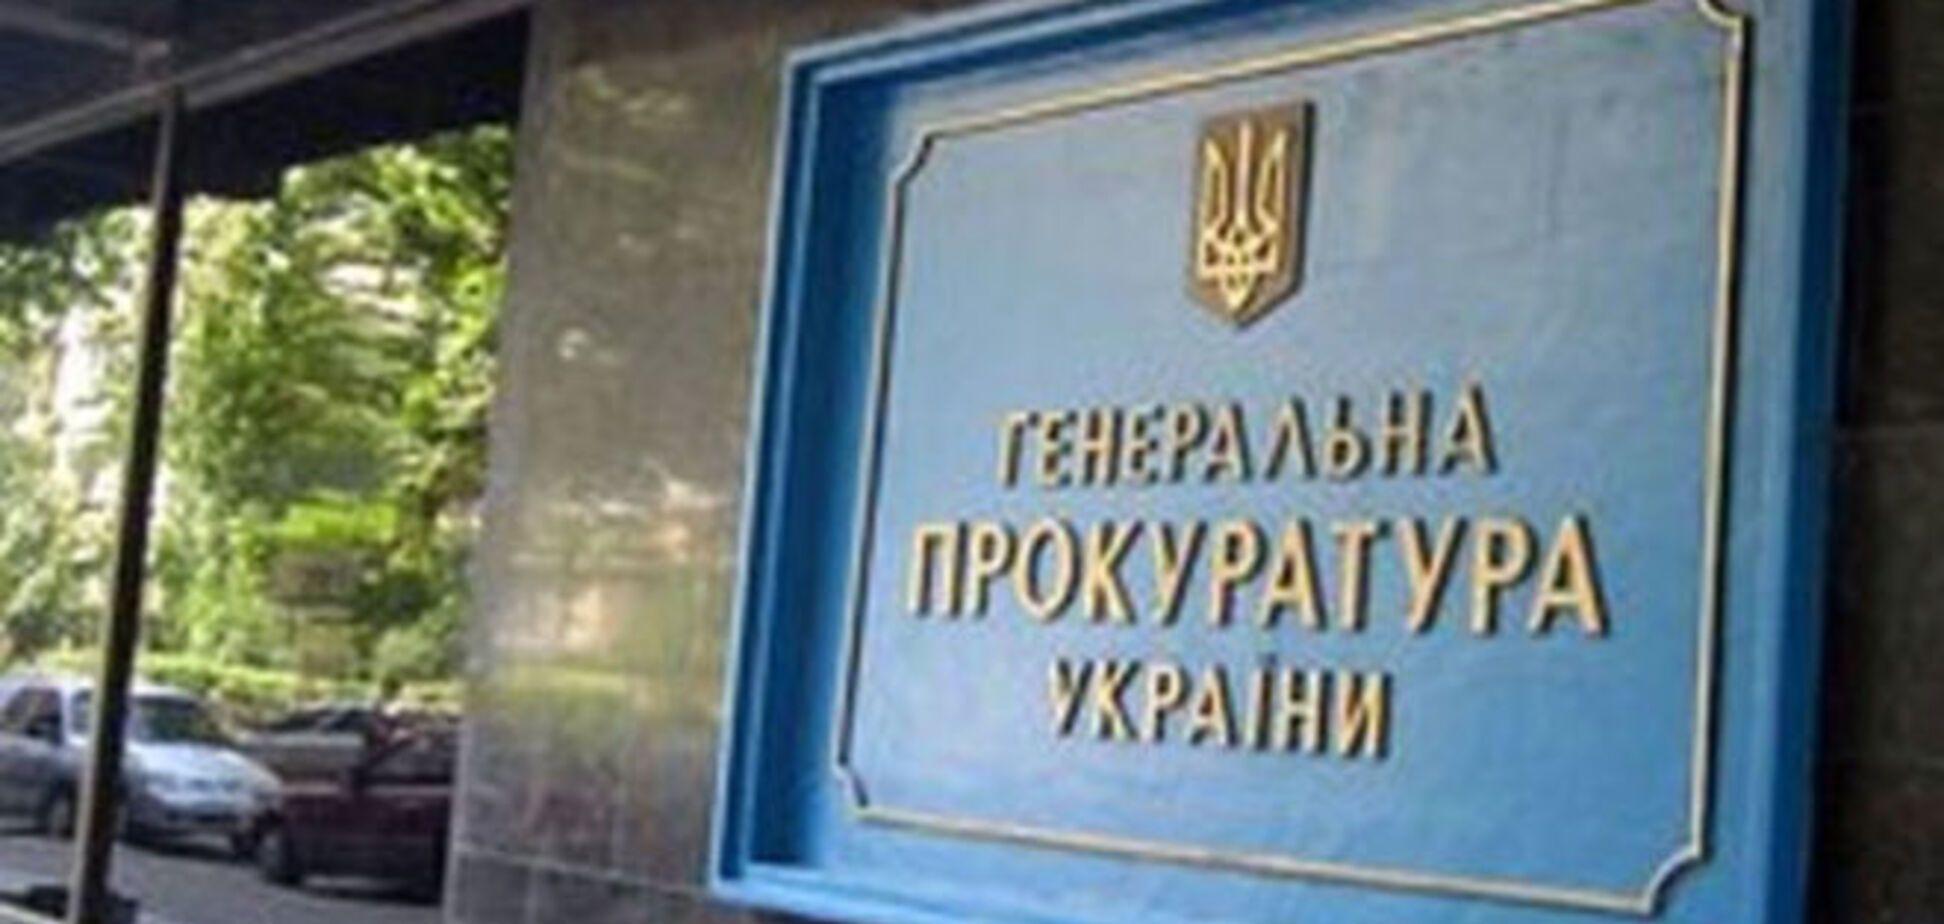 Украина арестовала имущество крымских прокуроров-предателей на 50 млн гривен